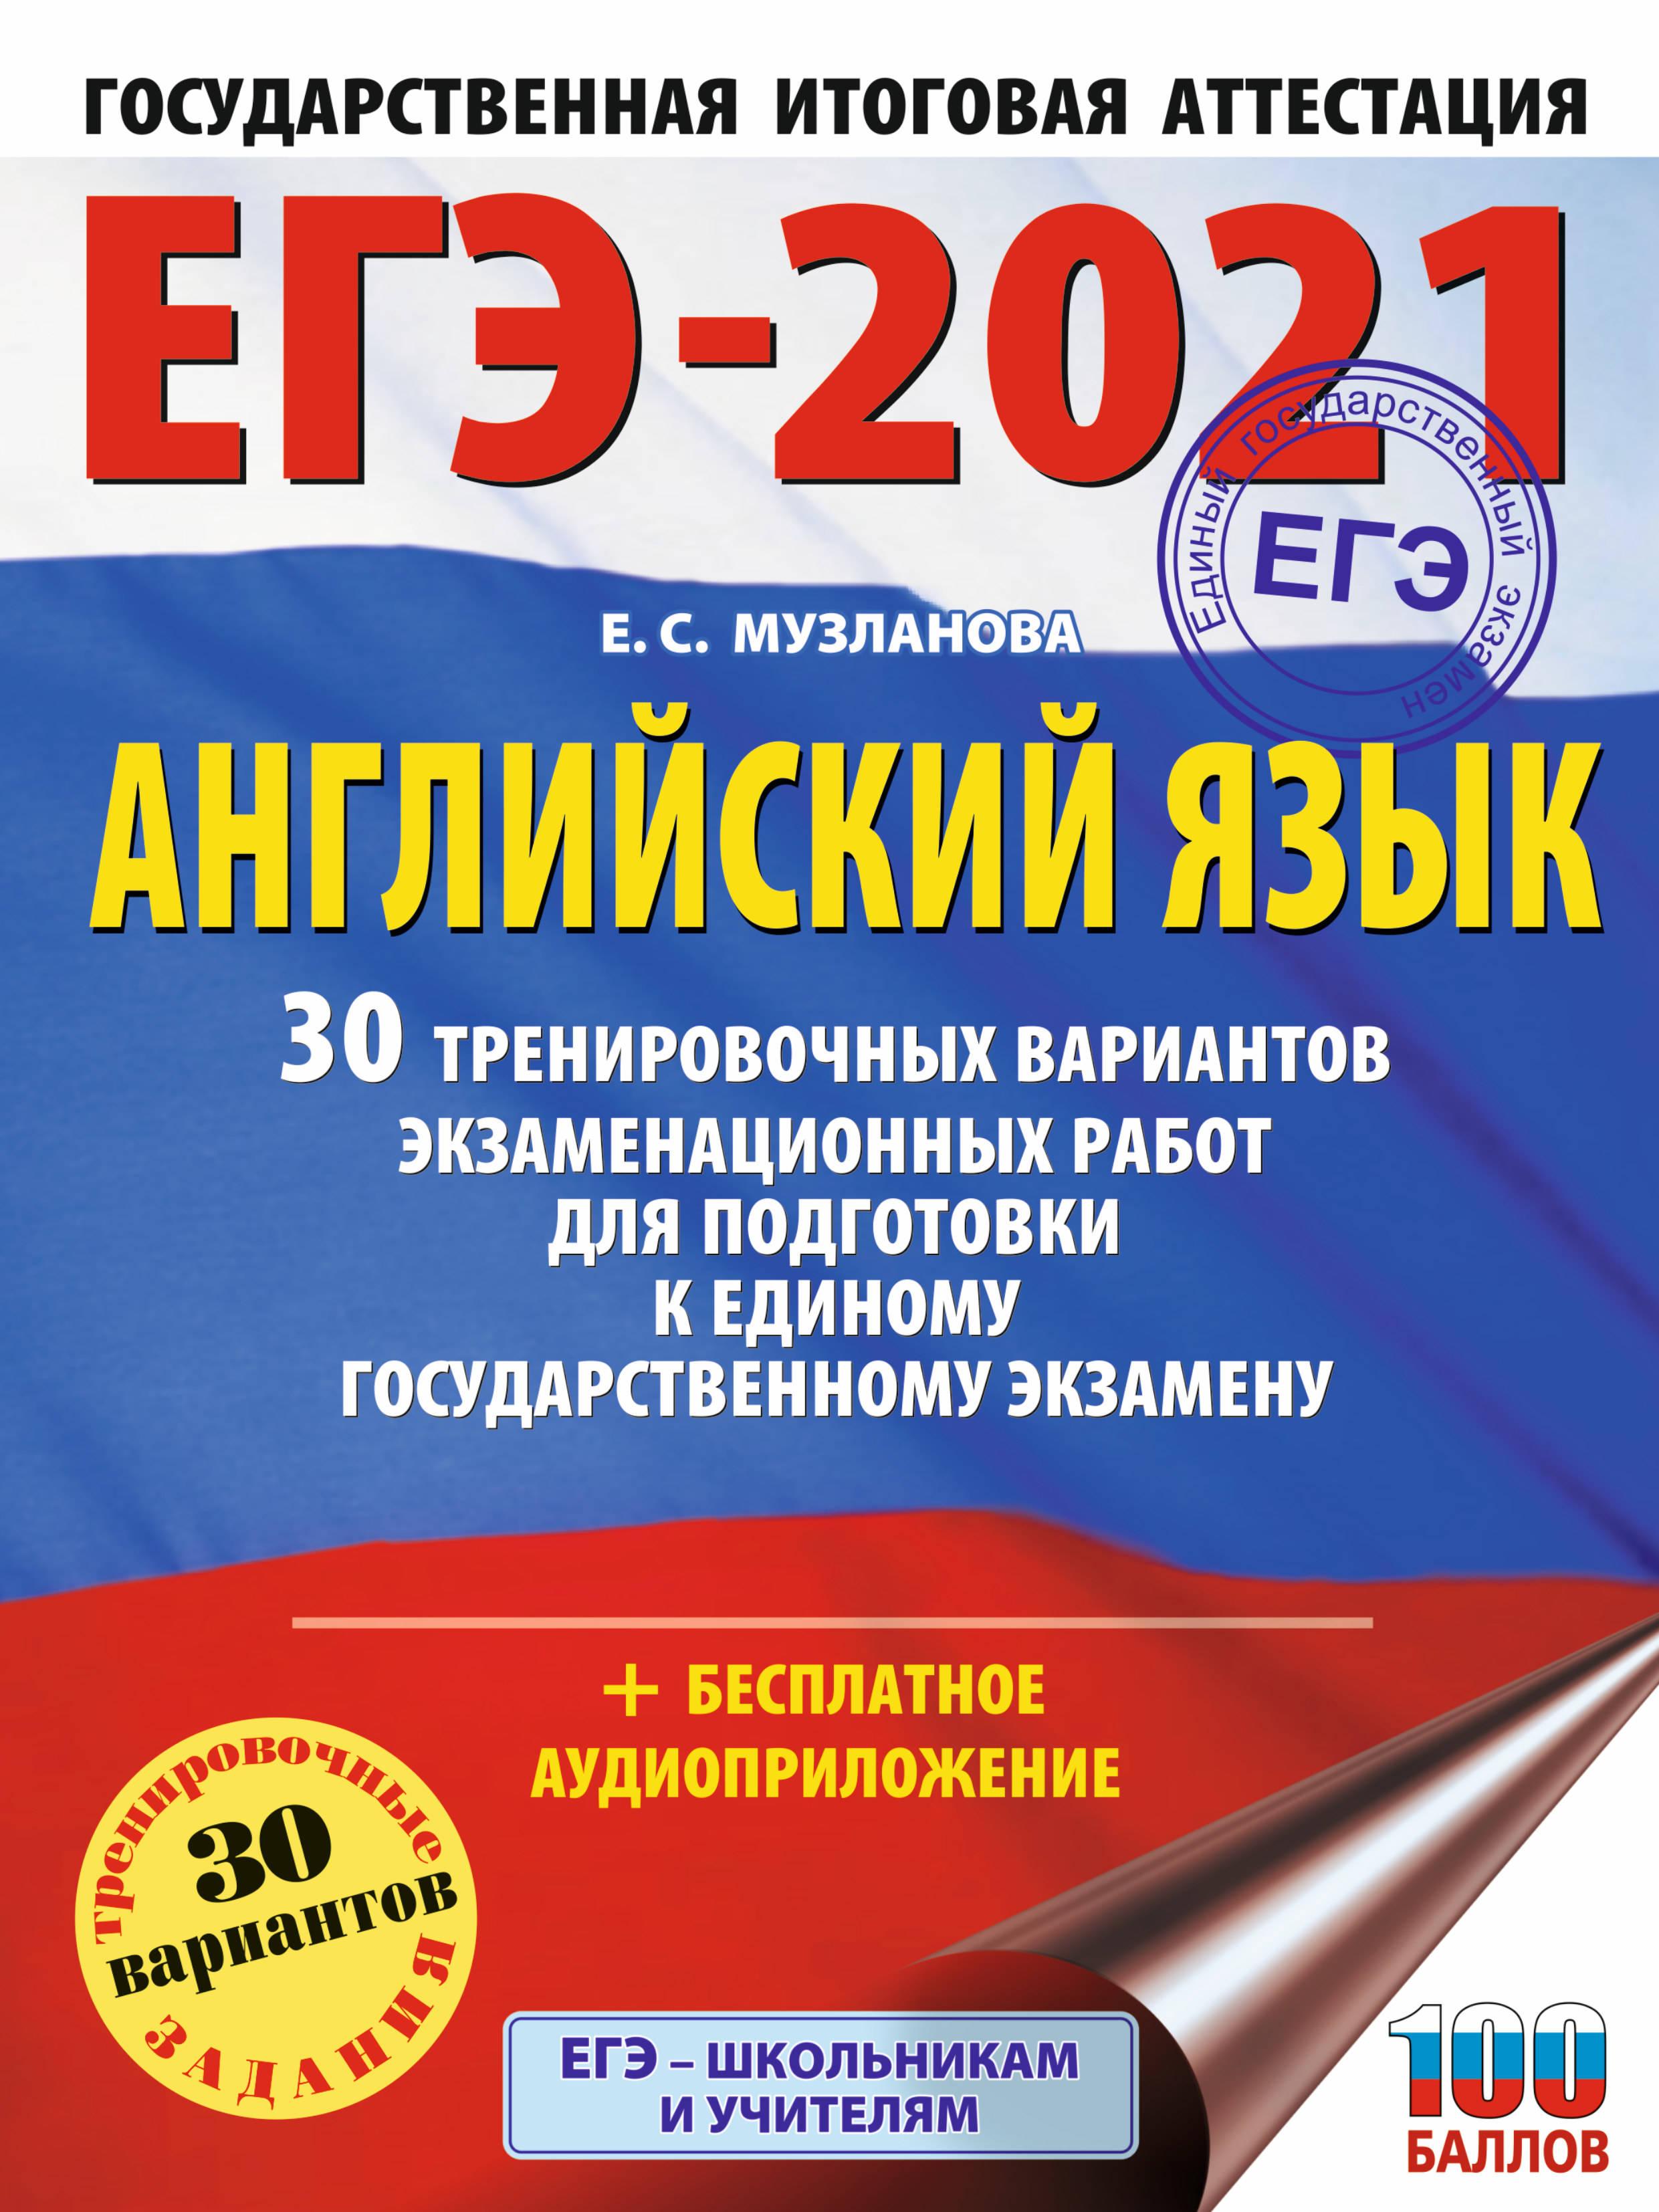 EGE-2021. Anglijskij jazyk (60kh84/8) 30 trenirovochnykh variantov ekzamenatsionnykh rabot dlja podgotovki k edinomu gosudarstvennomu ekzamenu